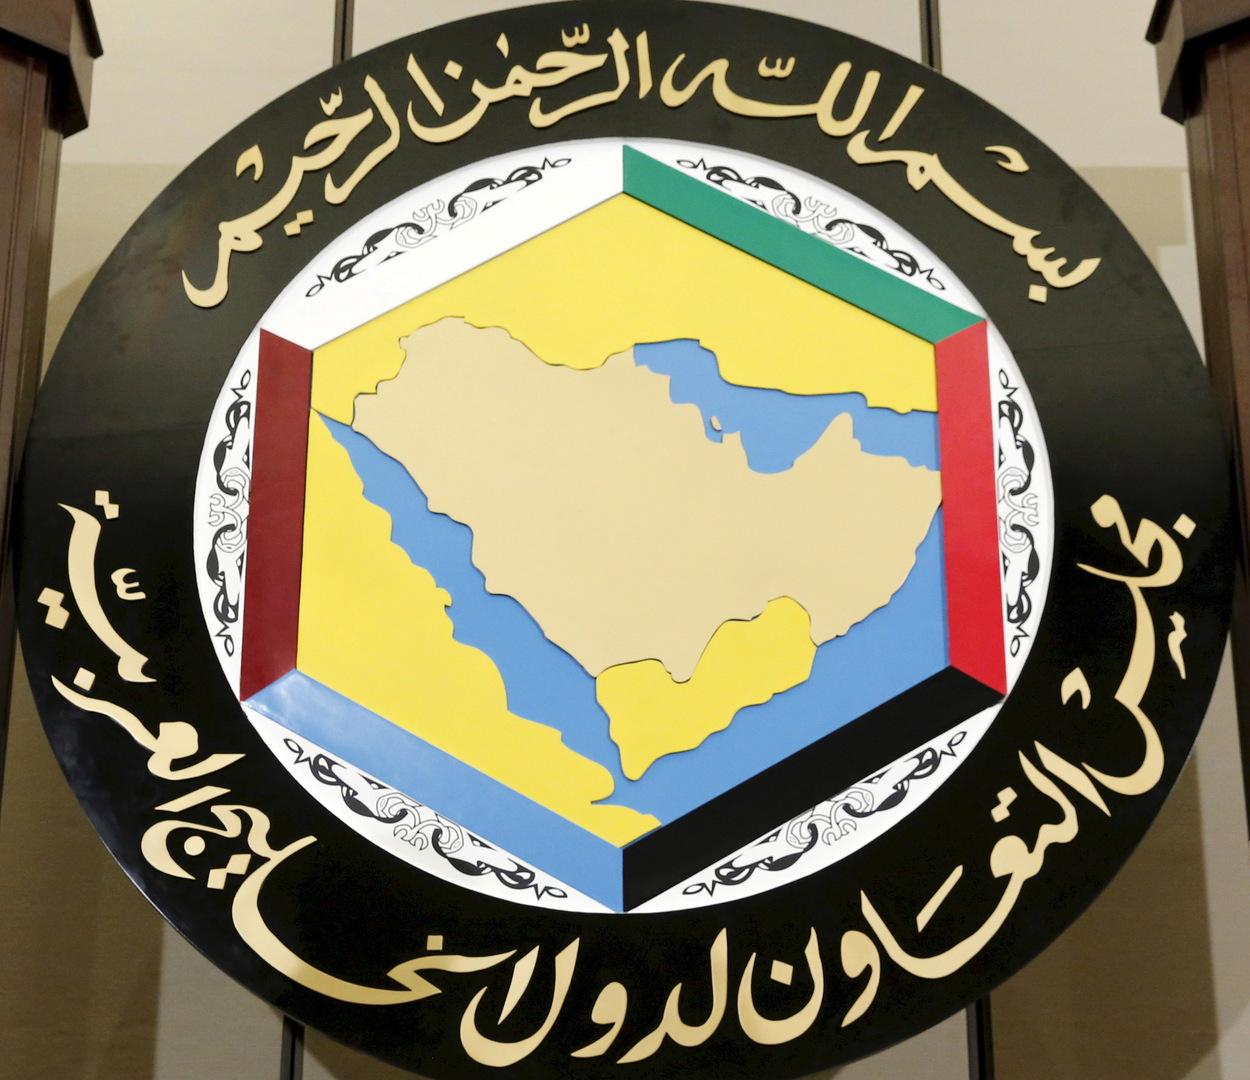 مجلس التعاون الخليجي: تصريحات ماكرون عن الإسلام والمسلمين غير مسؤولة